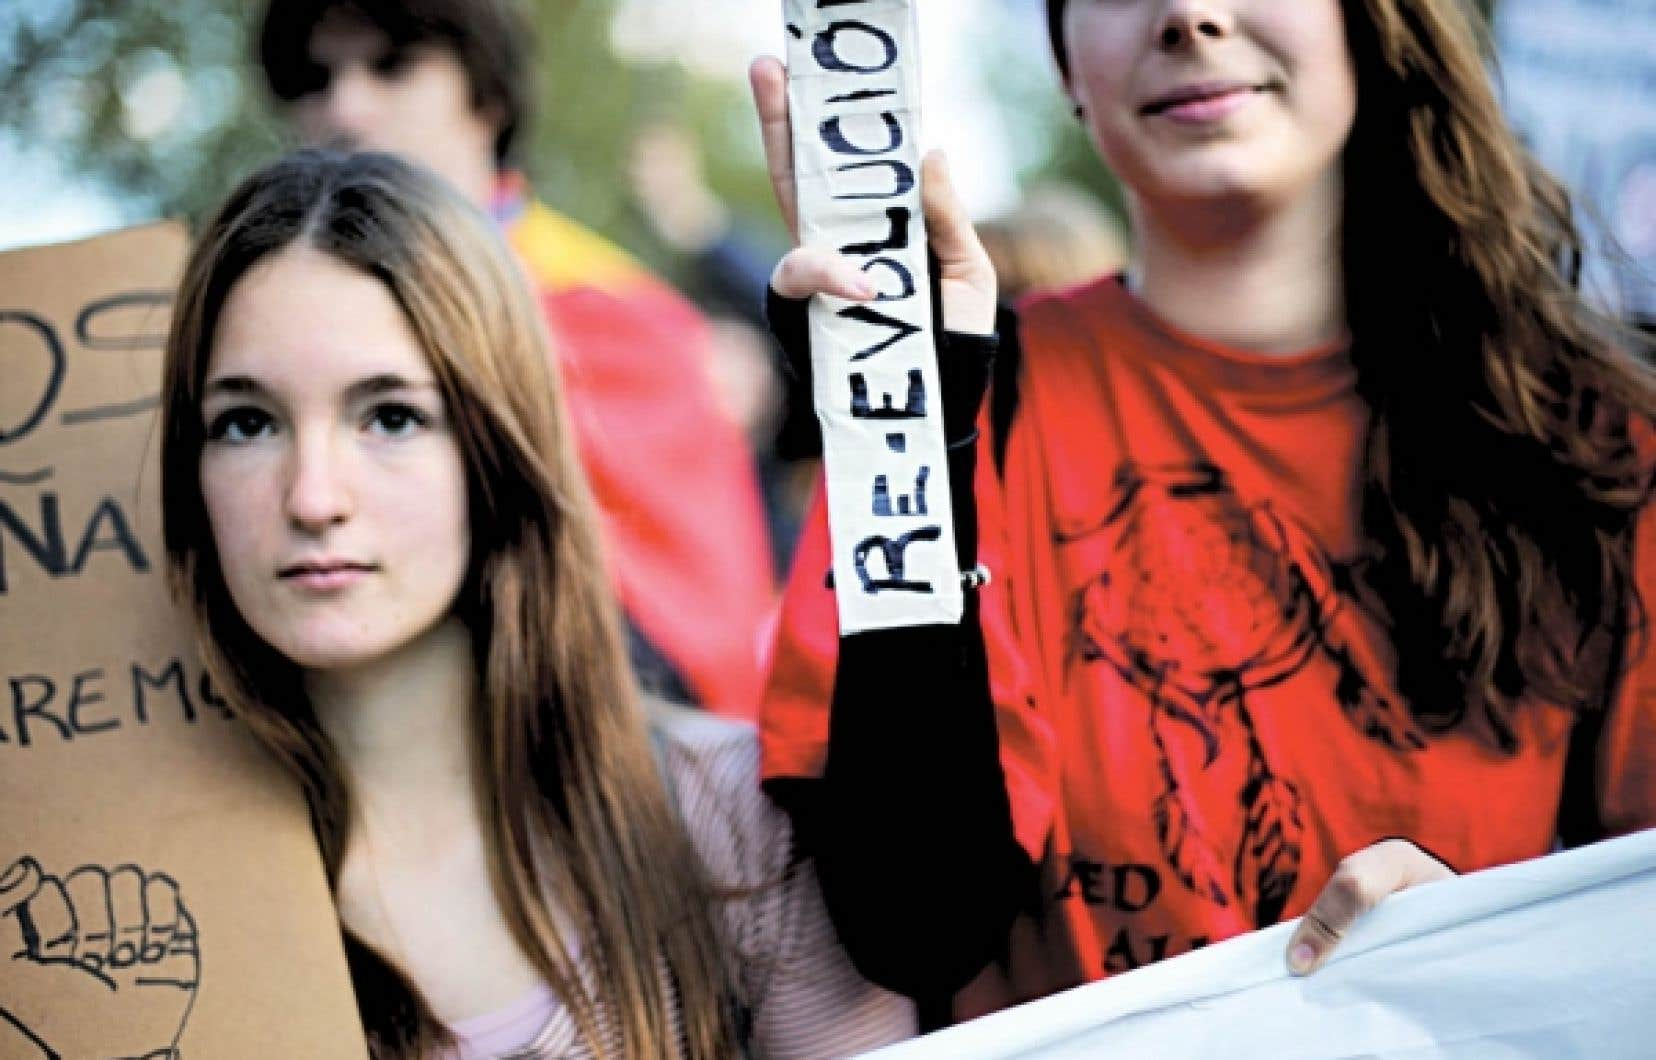 Tout comme les Grecs, les Espagnols descendent maintenant presque quotidiennement dans les rues afin de manifester leur mécontentement devant les mesures de rigueur budgétaire dont ils font les frais. Hier, à Madrid, les manifestants protestaient contre les conséquences des compressions budgétaires dans les réseaux de la santé et de l'éducation.